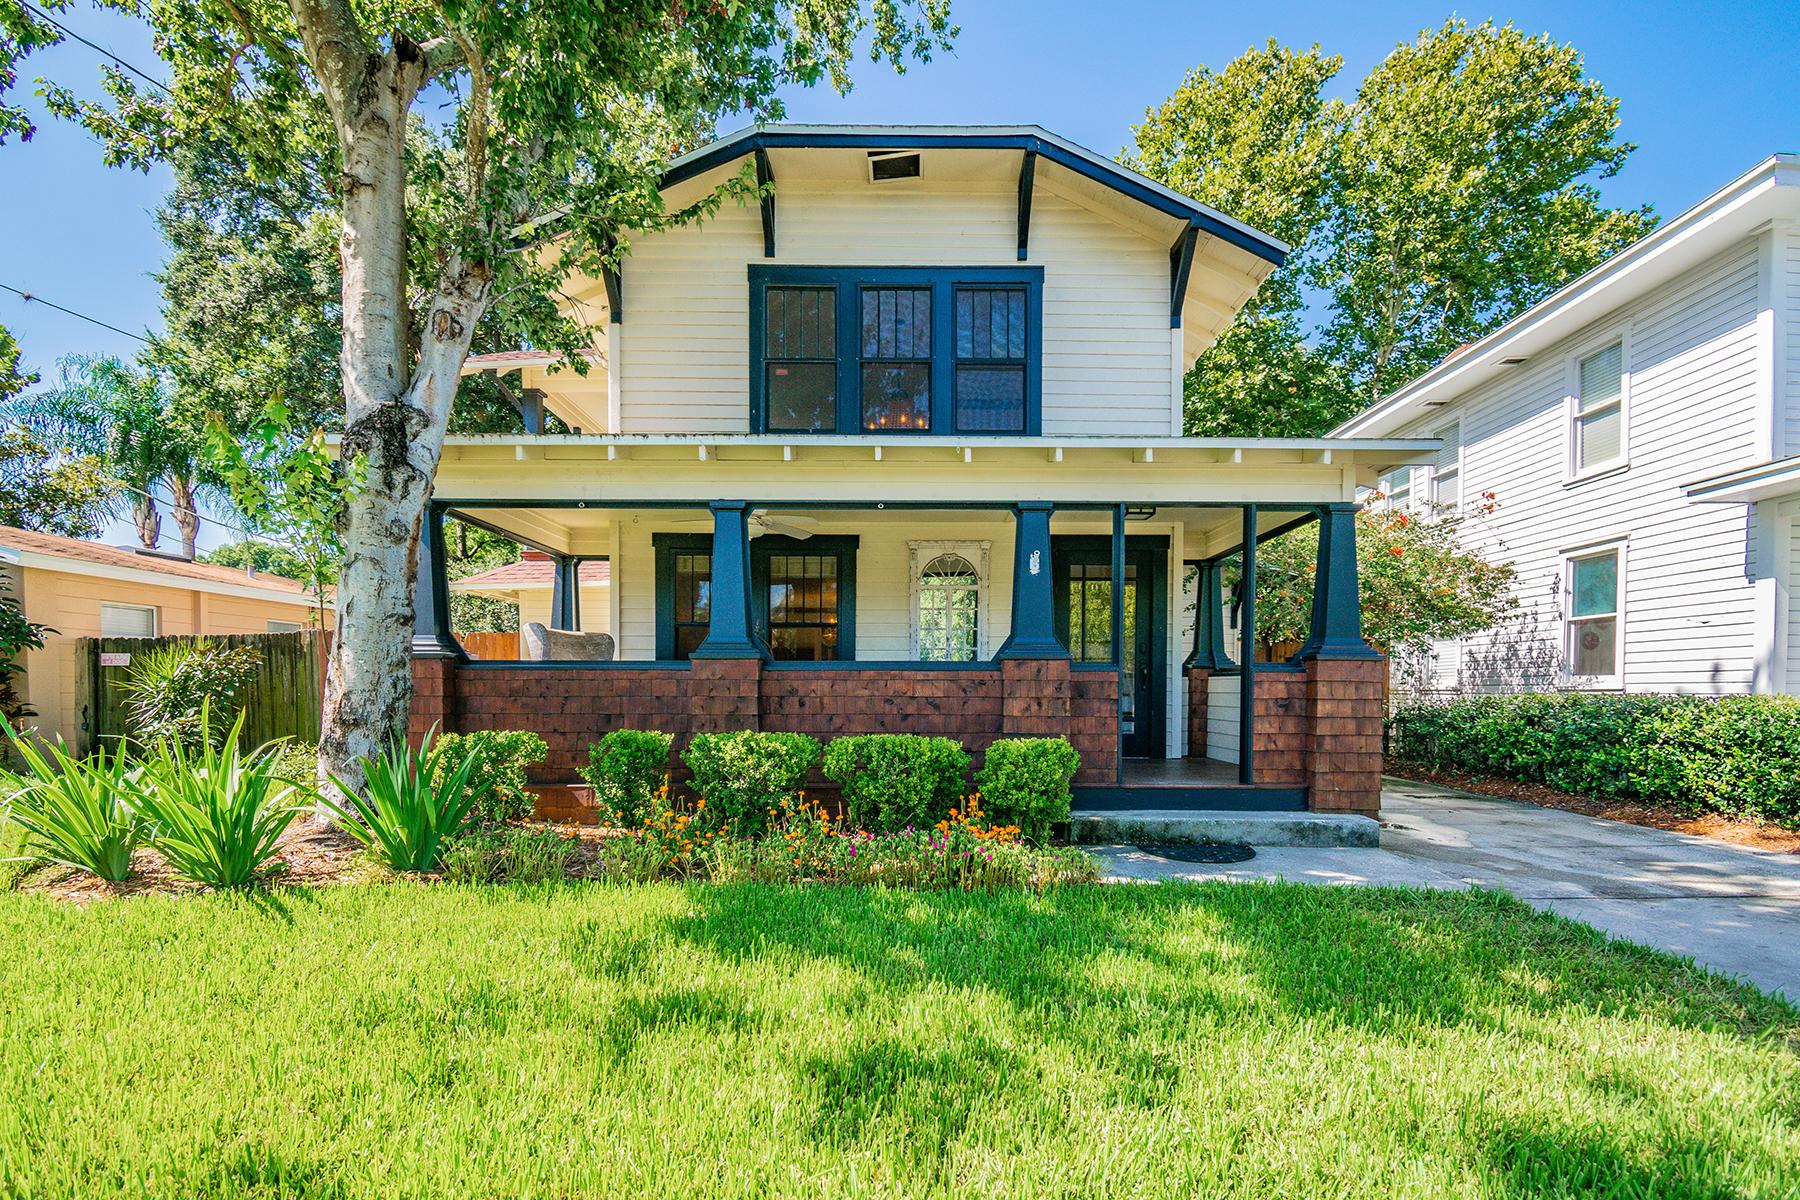 Single Family Homes für Verkauf beim SOUTH TAMPA 3506 W Santiago St, Tampa, Florida 33629 Vereinigte Staaten